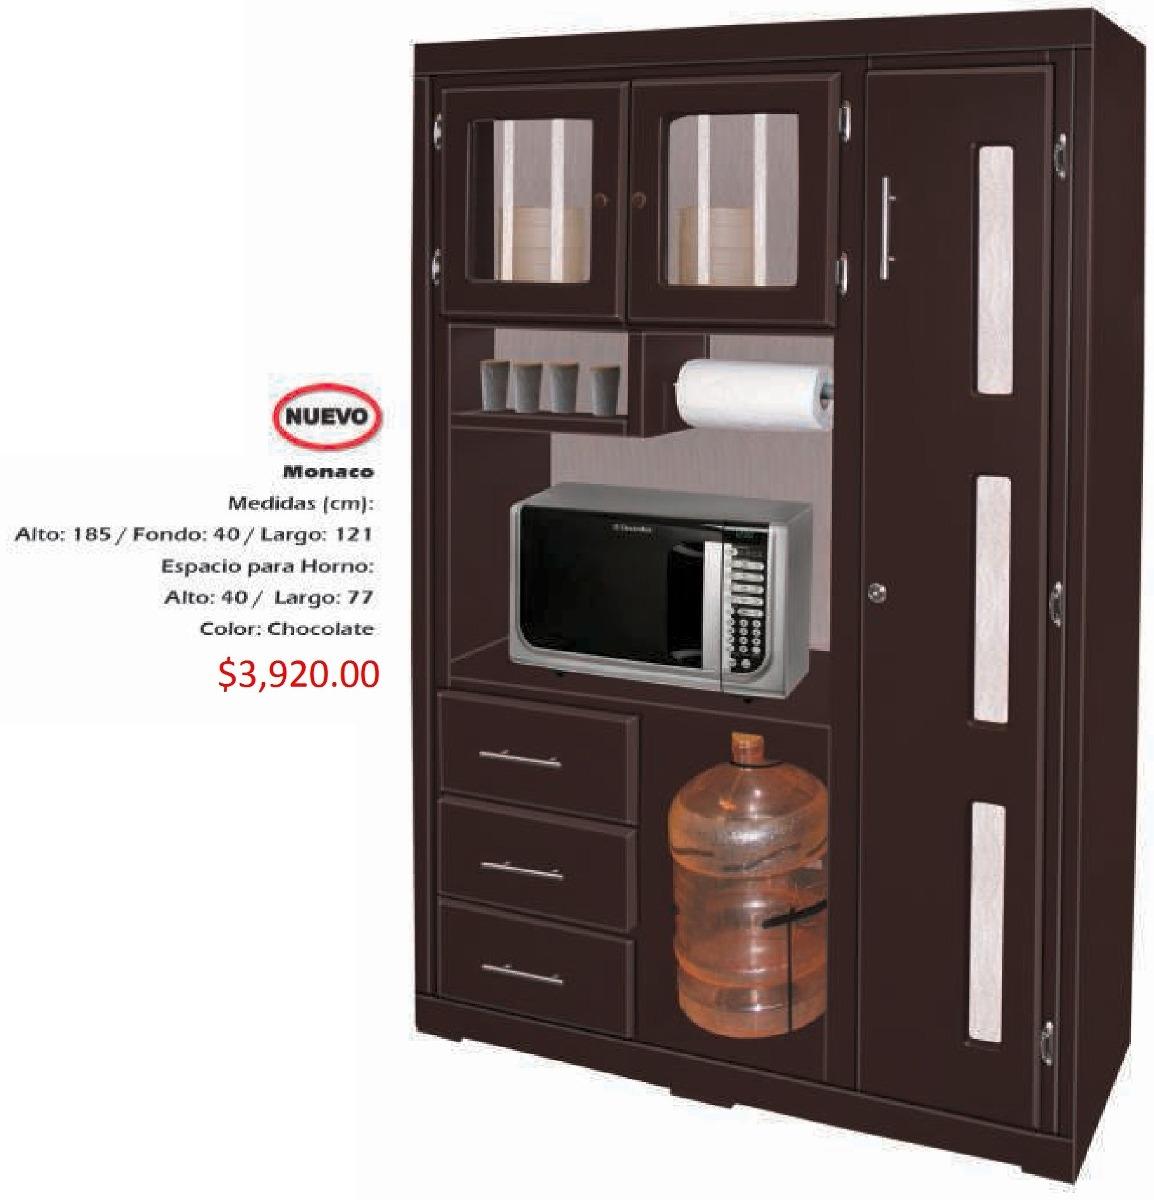 Mueble Para Cocina Modelo Monaco  $ 3,92000 en Mercado Libre